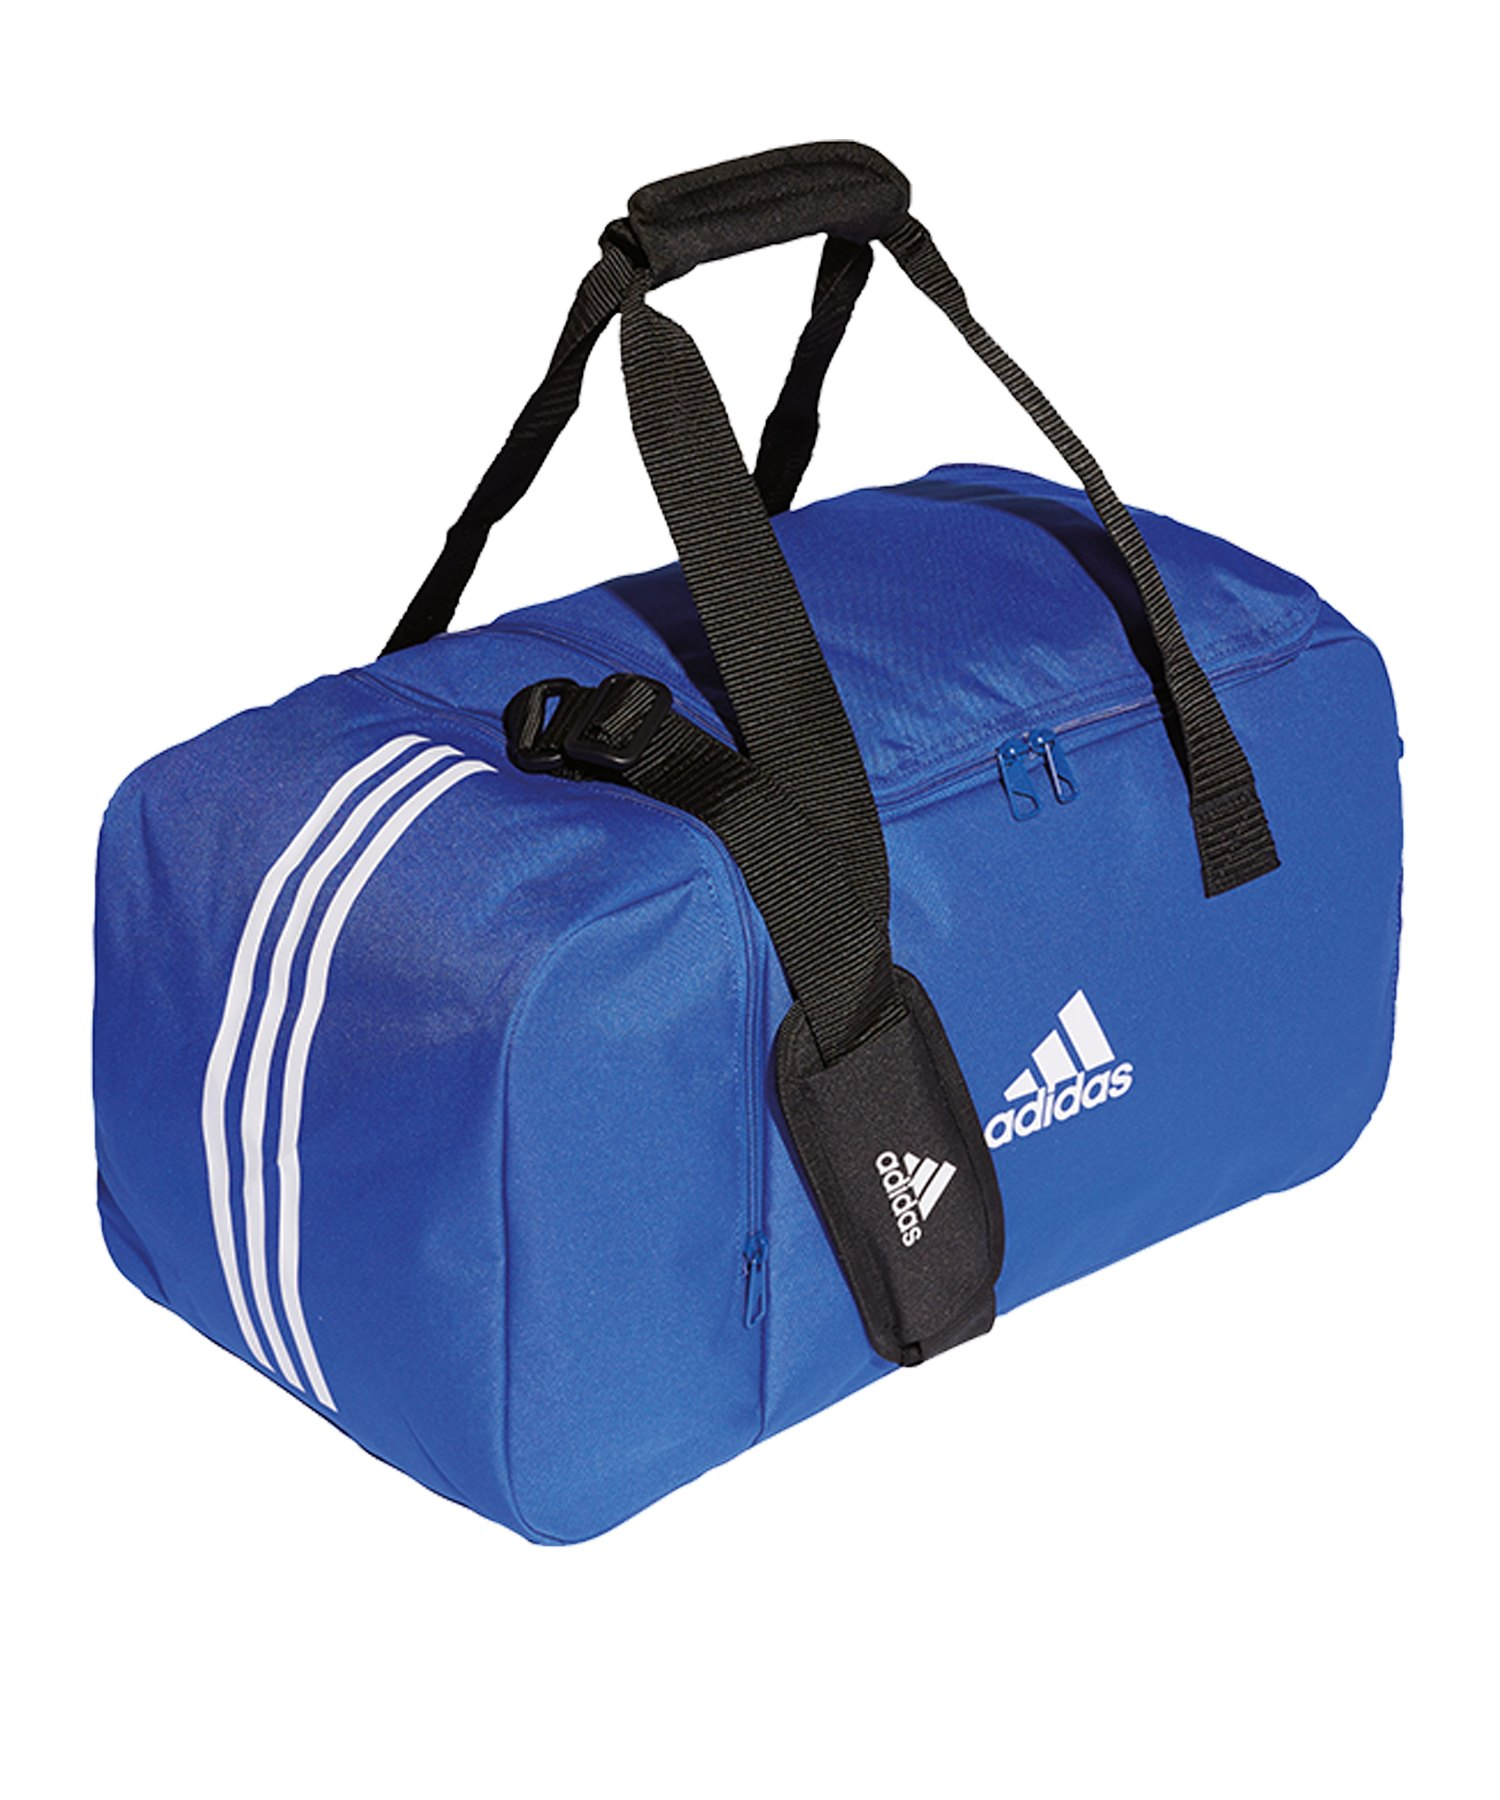 adidas Tiro Duffel Bag Gr. S Blau Weiss - blau